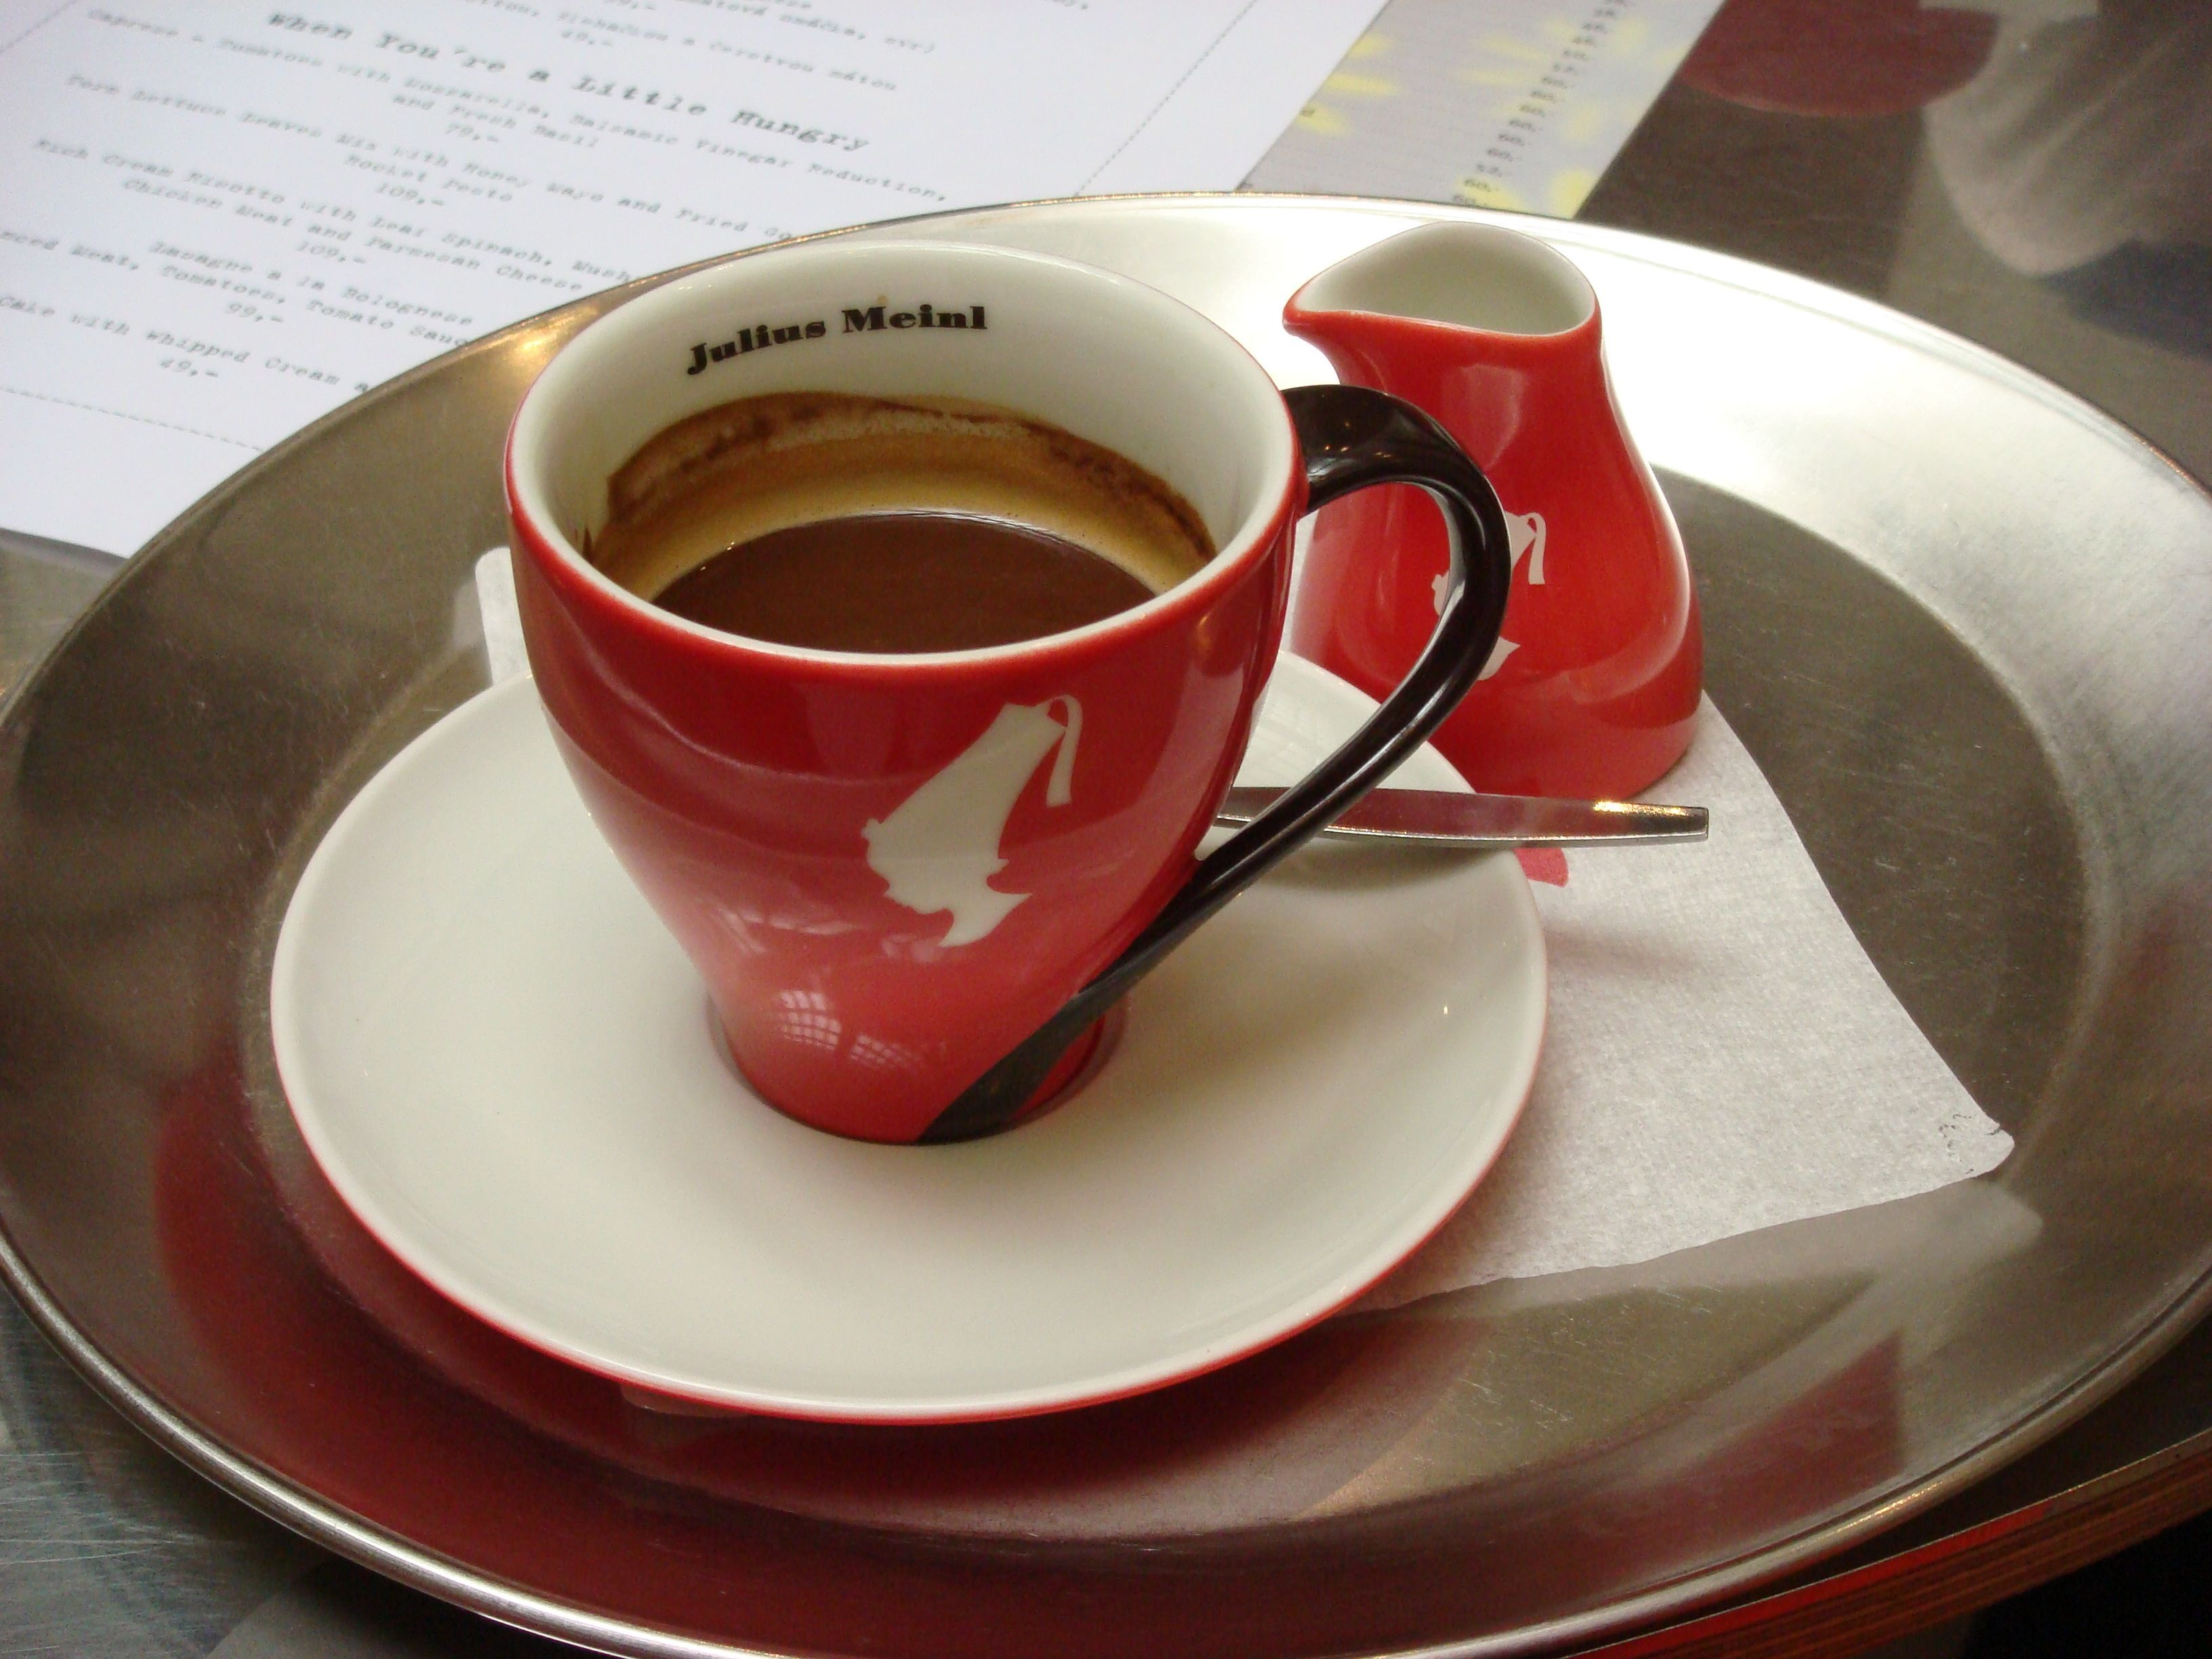 Delicious Espresso Delicious Espresso Cups I Love Coffee